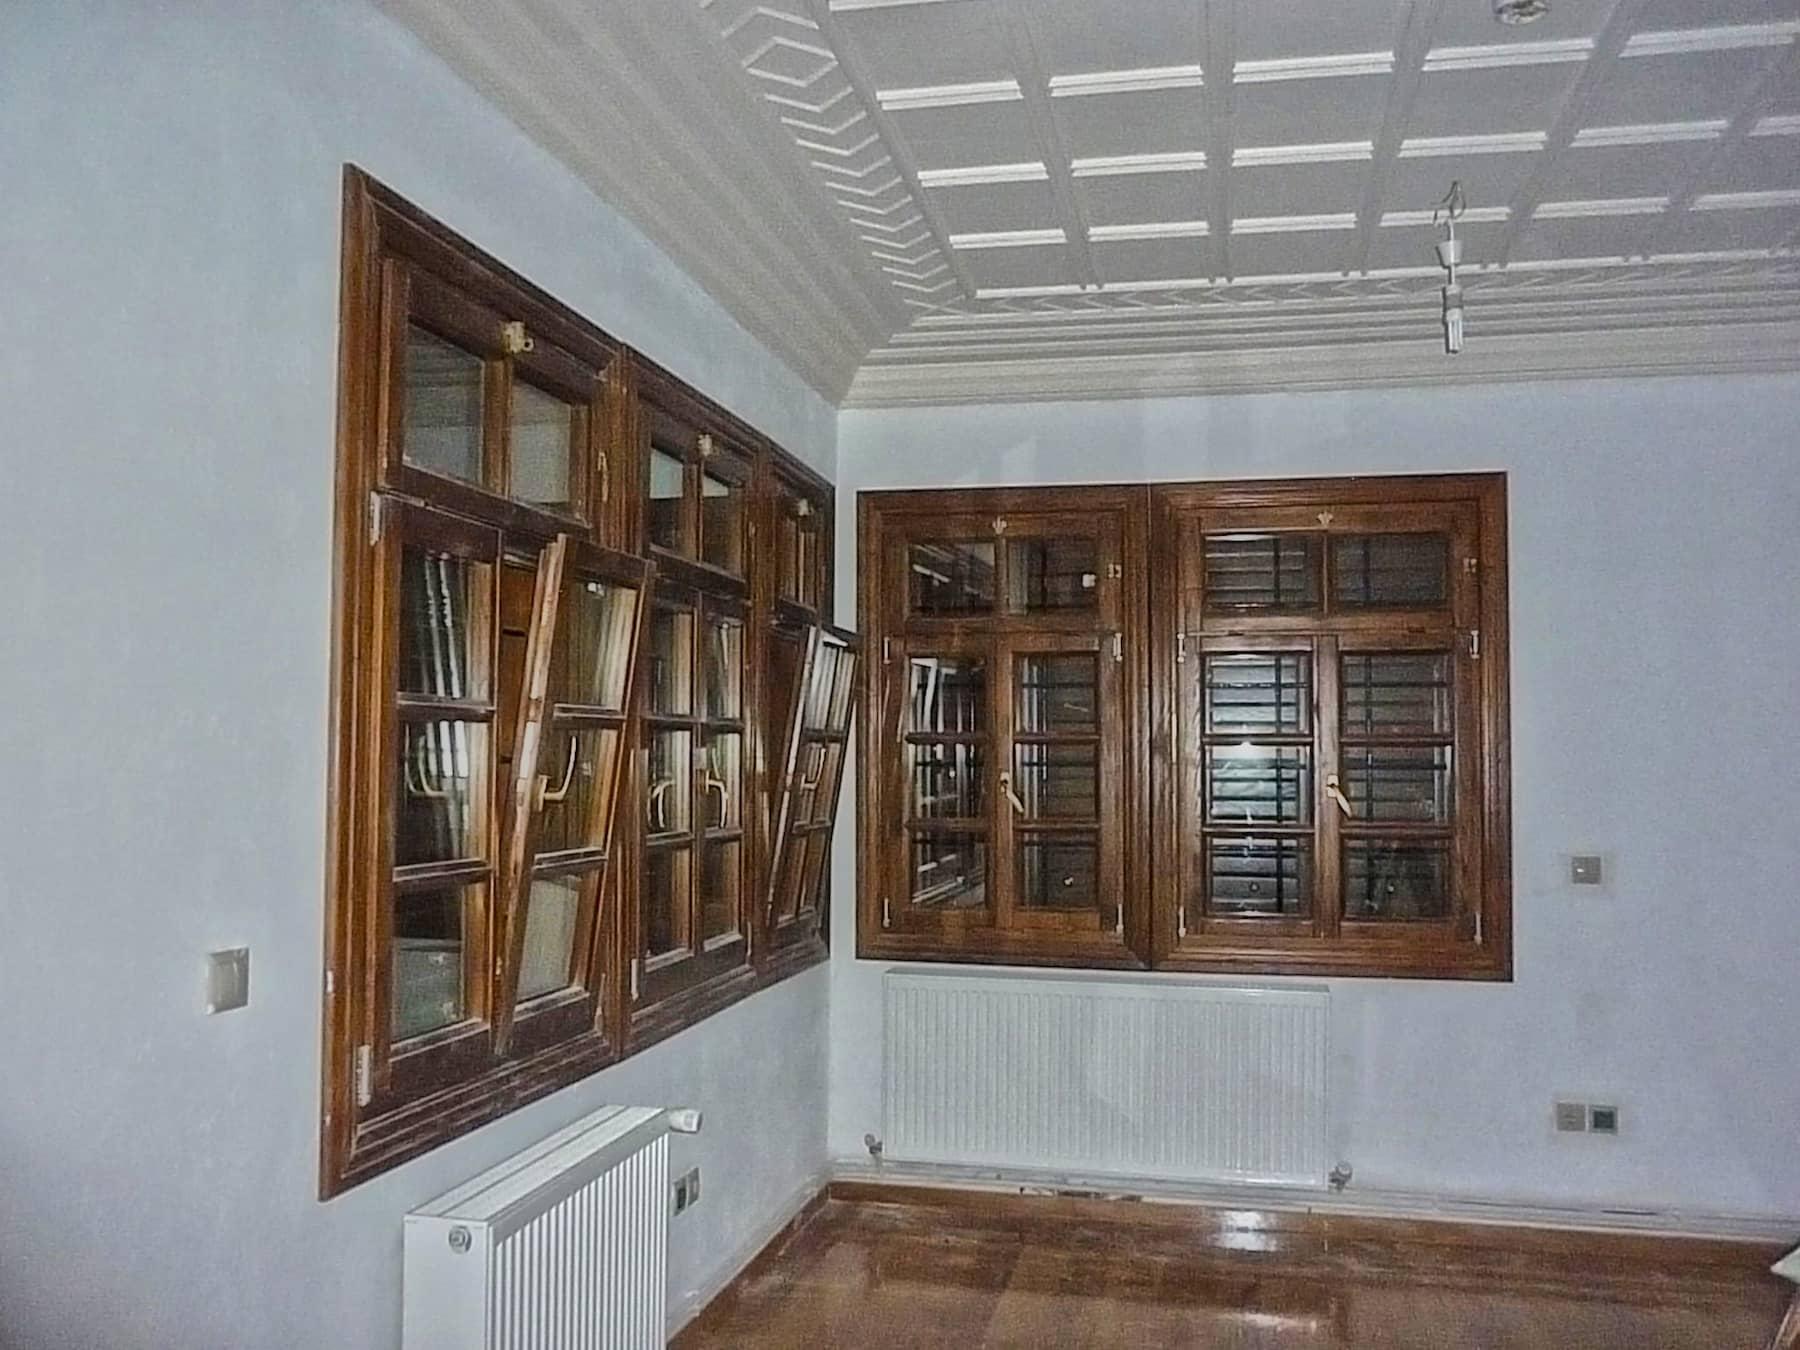 δίφυλλα ανοιγόμενα και ανακλινόμενα παράθυρα με ανοιγόμενο φεγγίτη και παντζούρια Γαλλικού τύπου